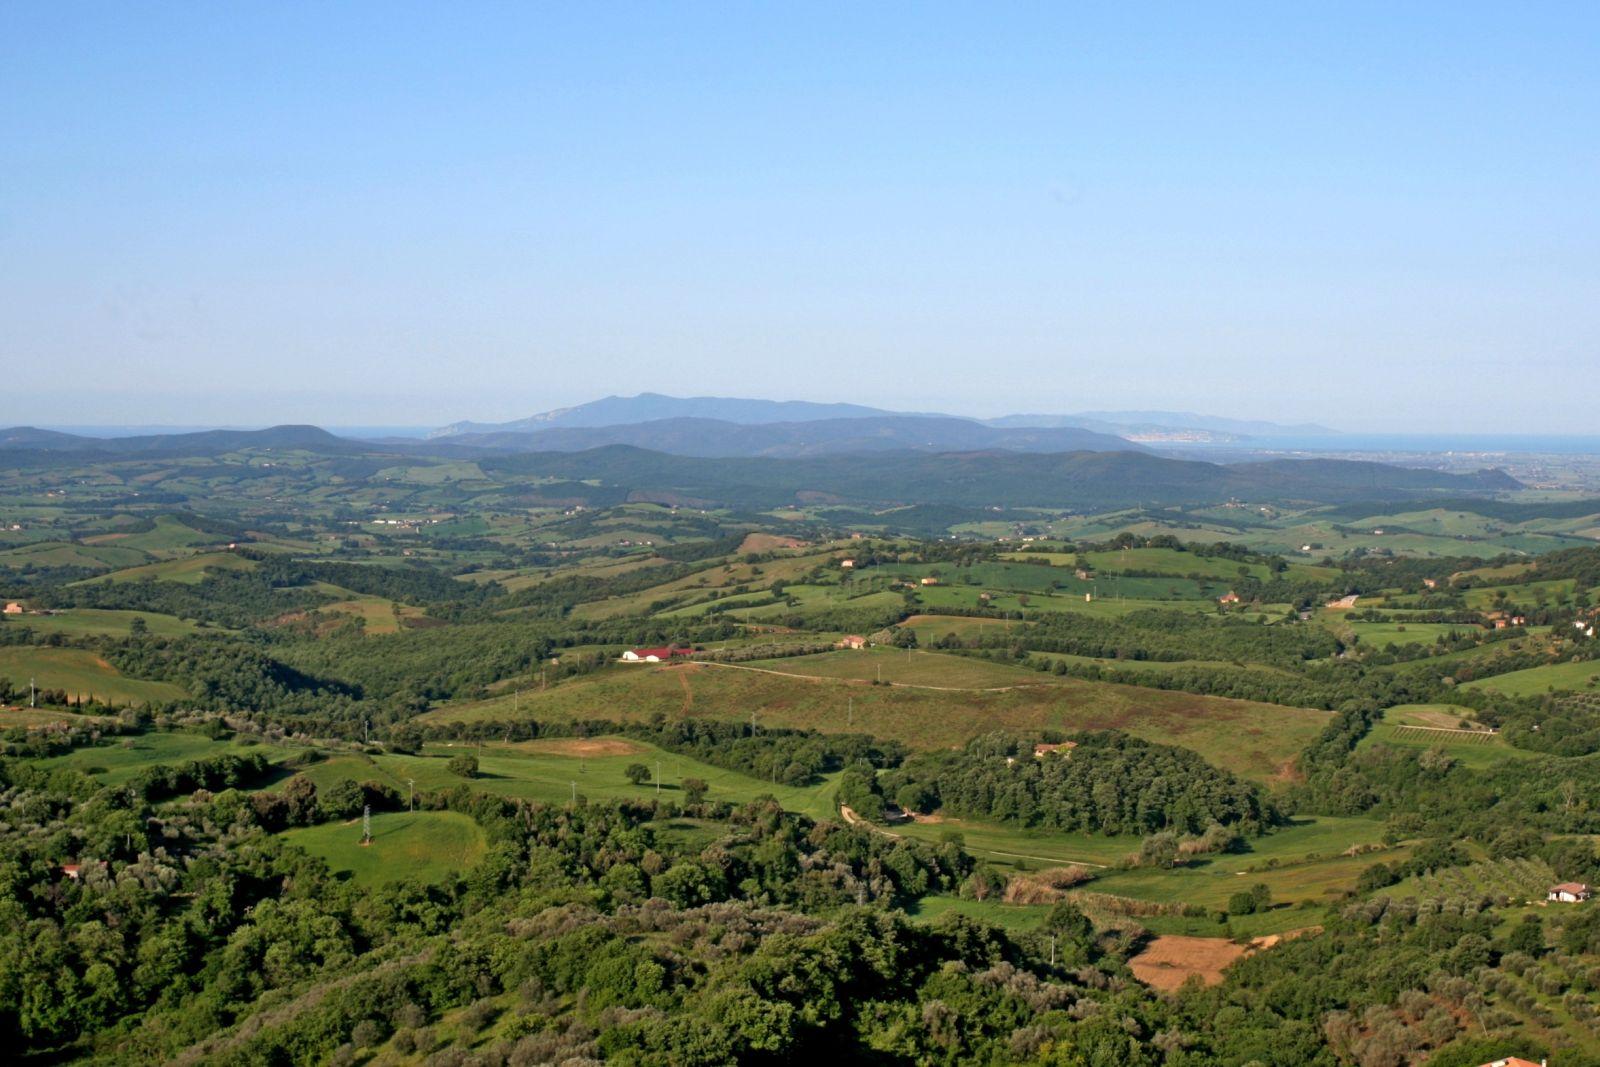 Manciano - Manciano, una Maremma da scoprire tra storia e sapori - Toscana Ovunque Bella